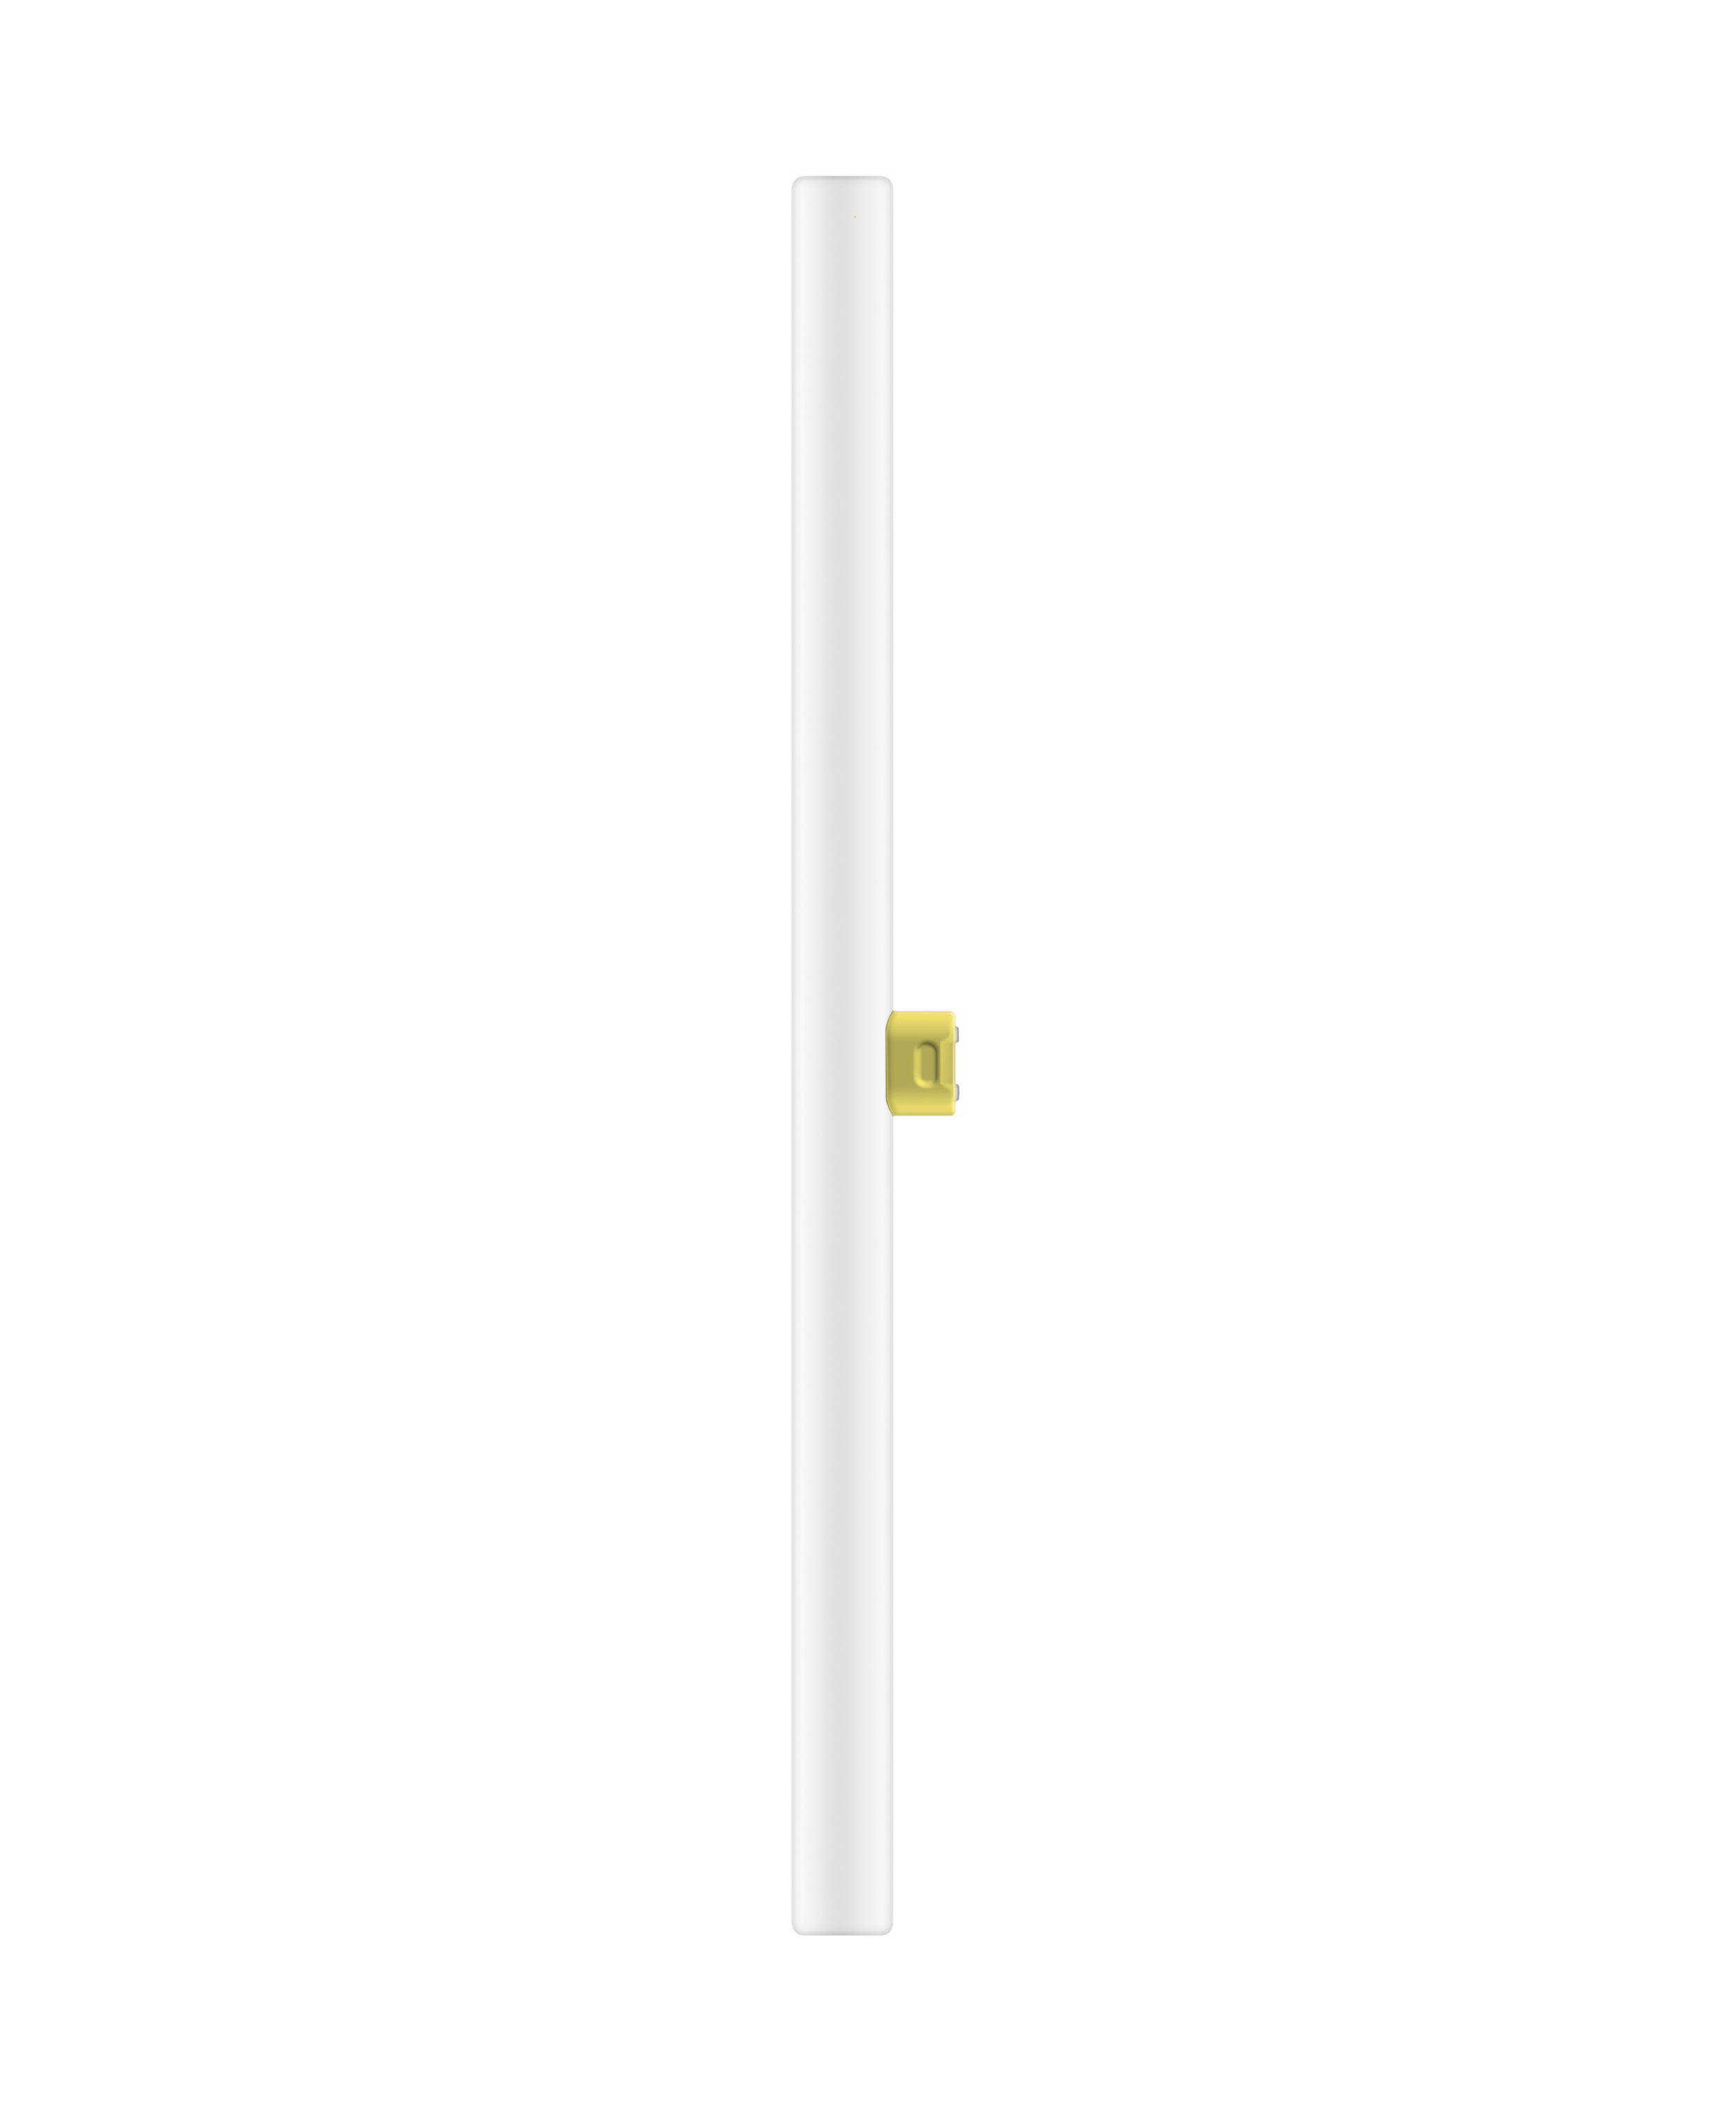 LEDinestra 40 6W/827 S14d FR